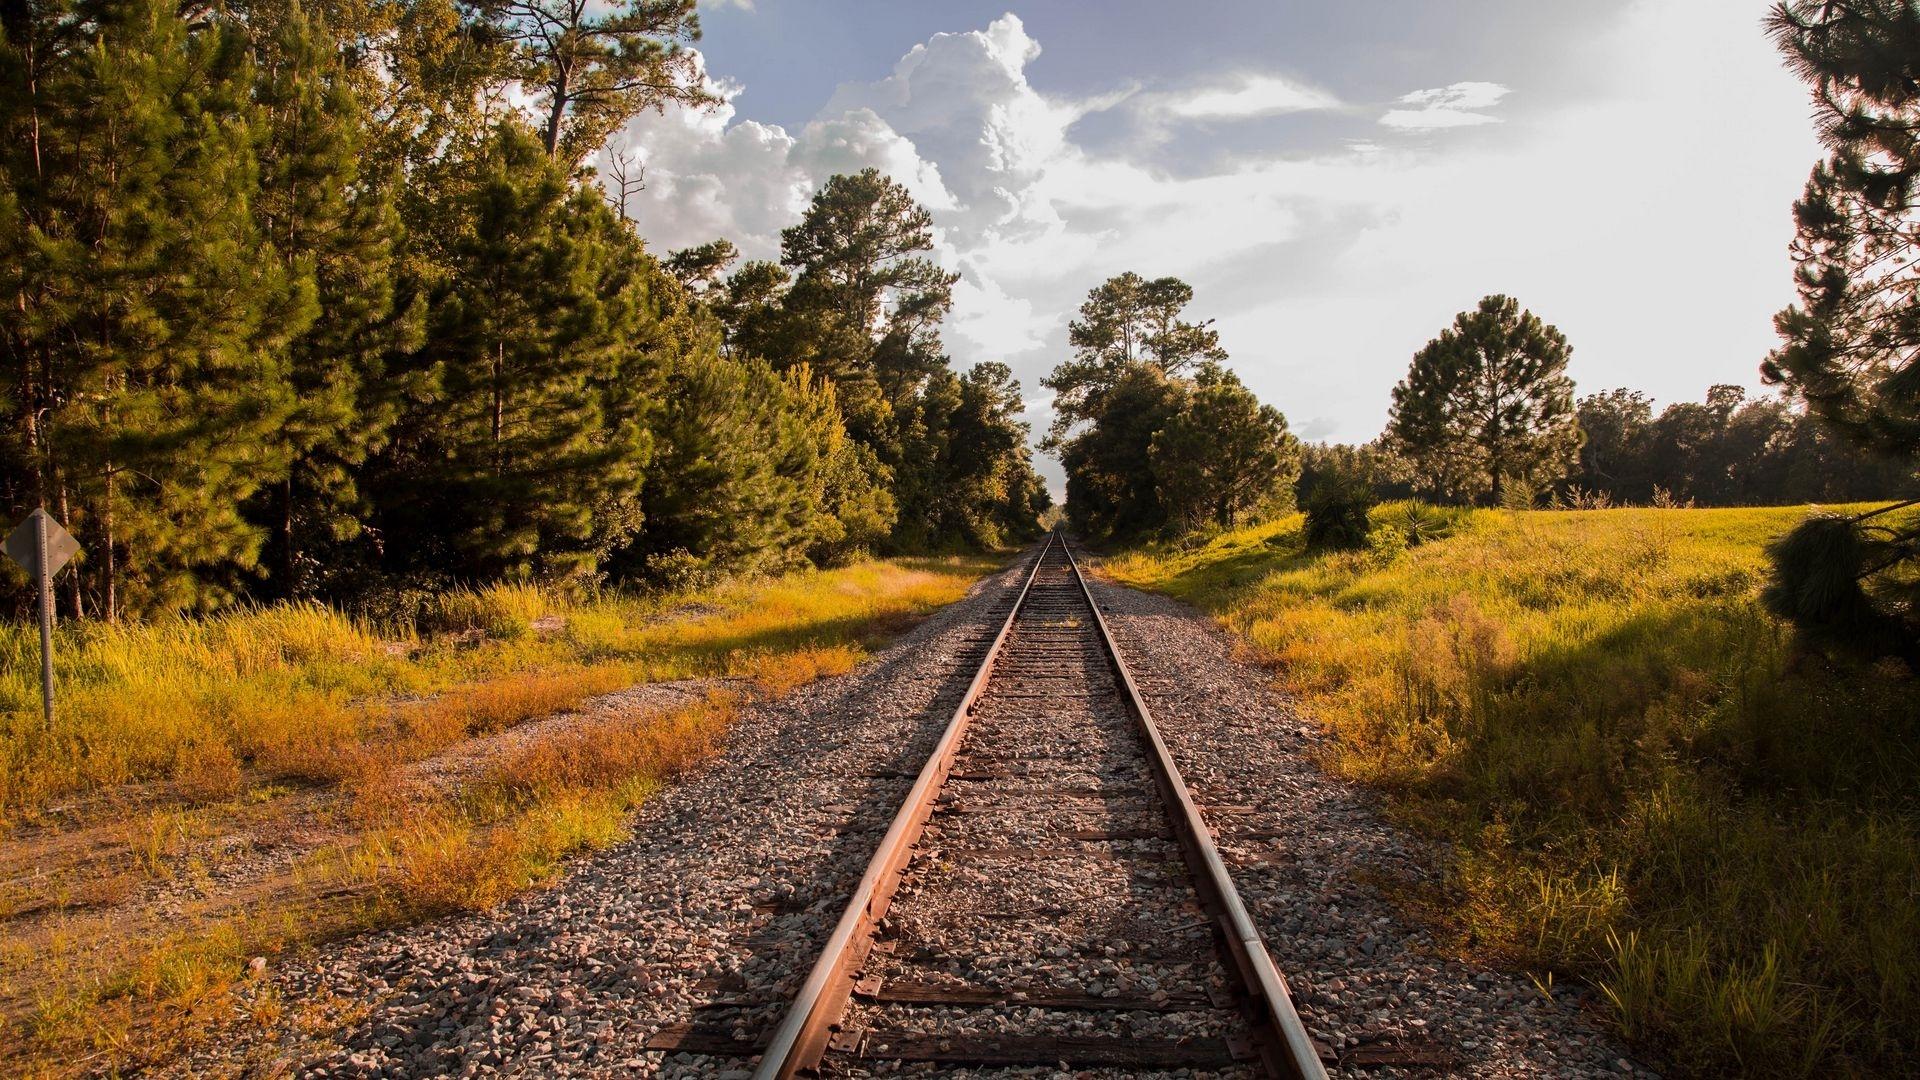 Railroad computer wallpaper